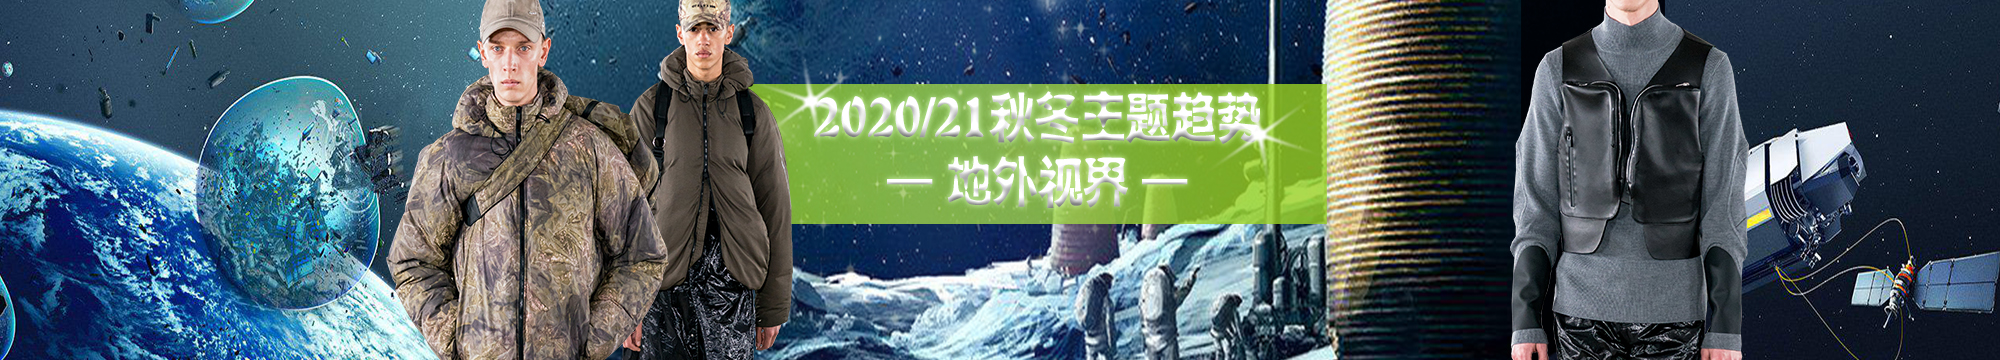 2020/21秋冬主题趋势 - 地外视界 -